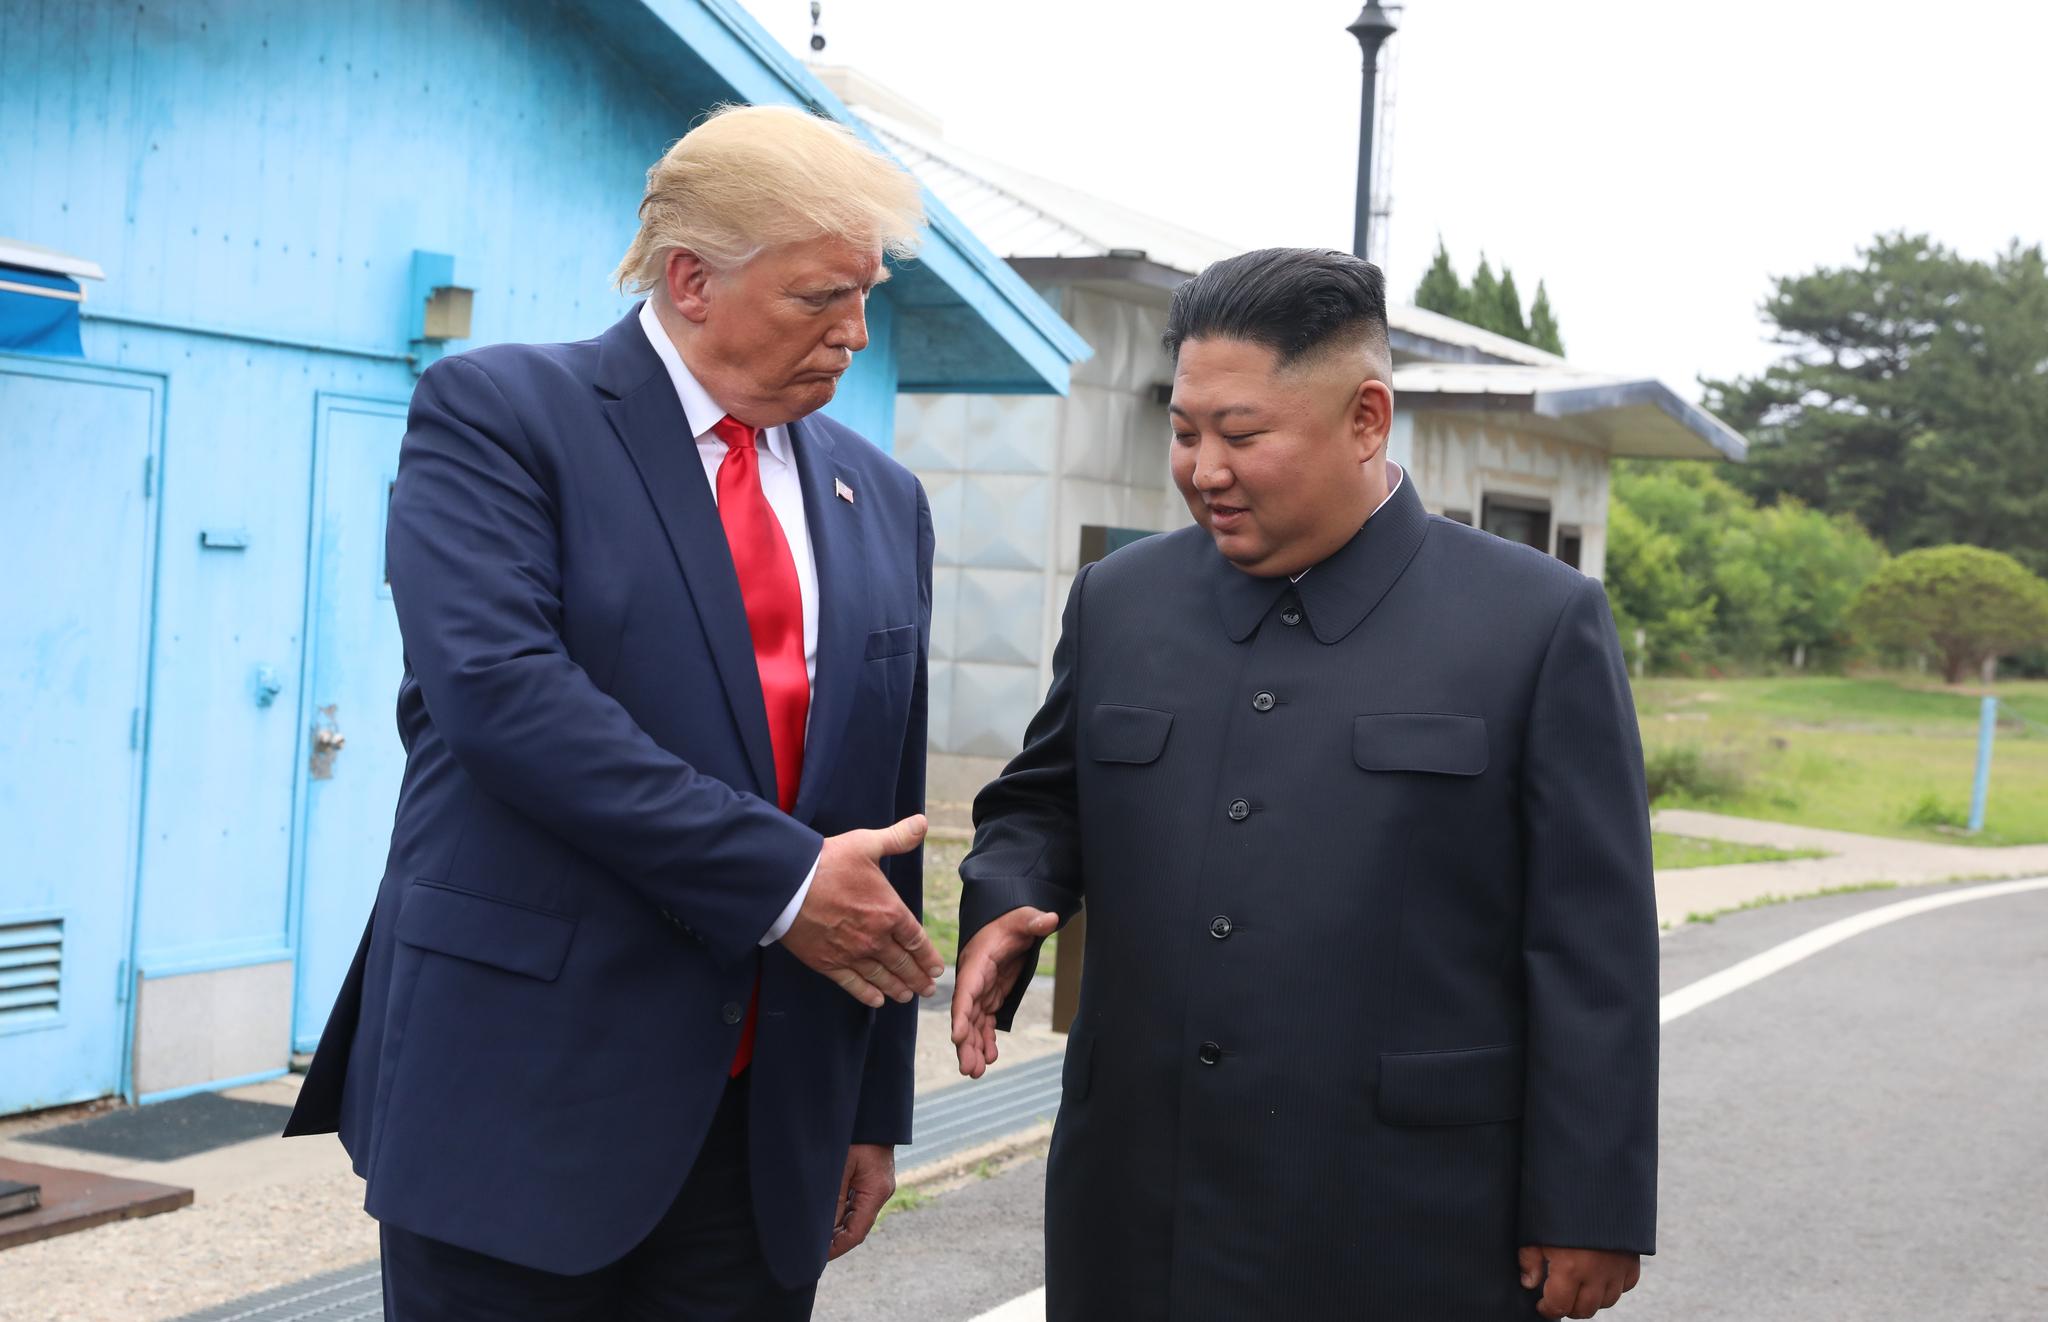 도널드 트럼프 미국 대통령과 김정은 북한 국무위원장이 30일 판문점 남측지역에서 세번째 악수를 하고 있다. 청와대사진기자단